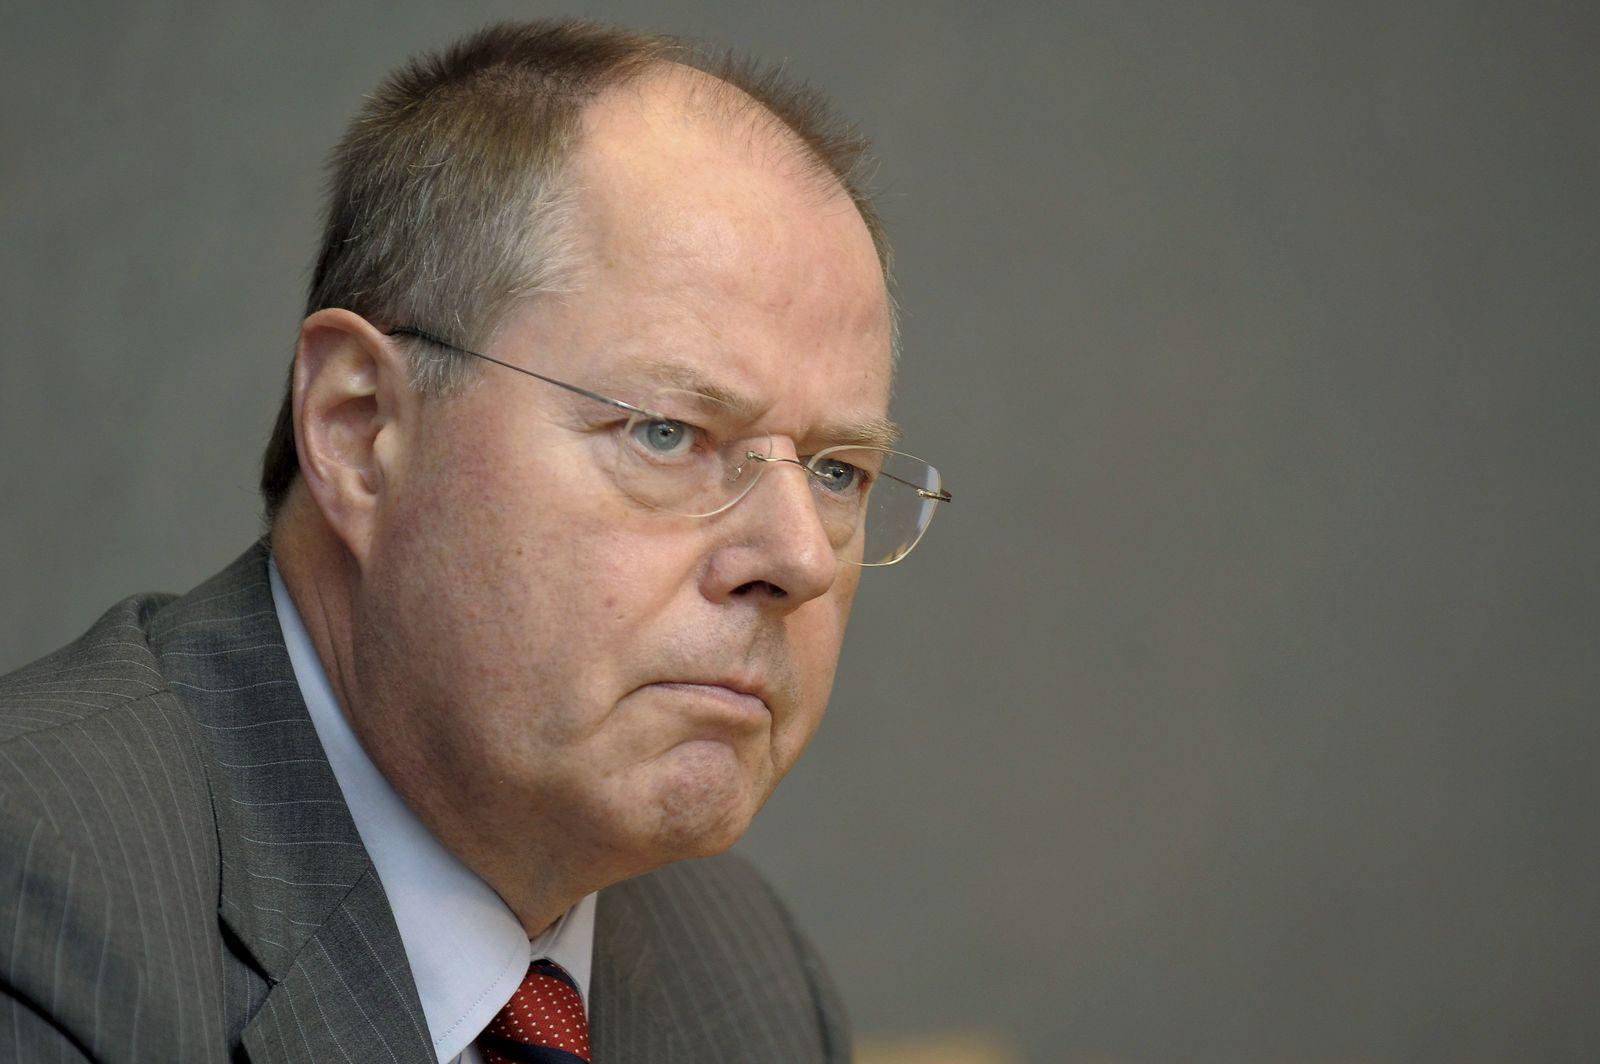 Finanzminister / Peer Steinbrück